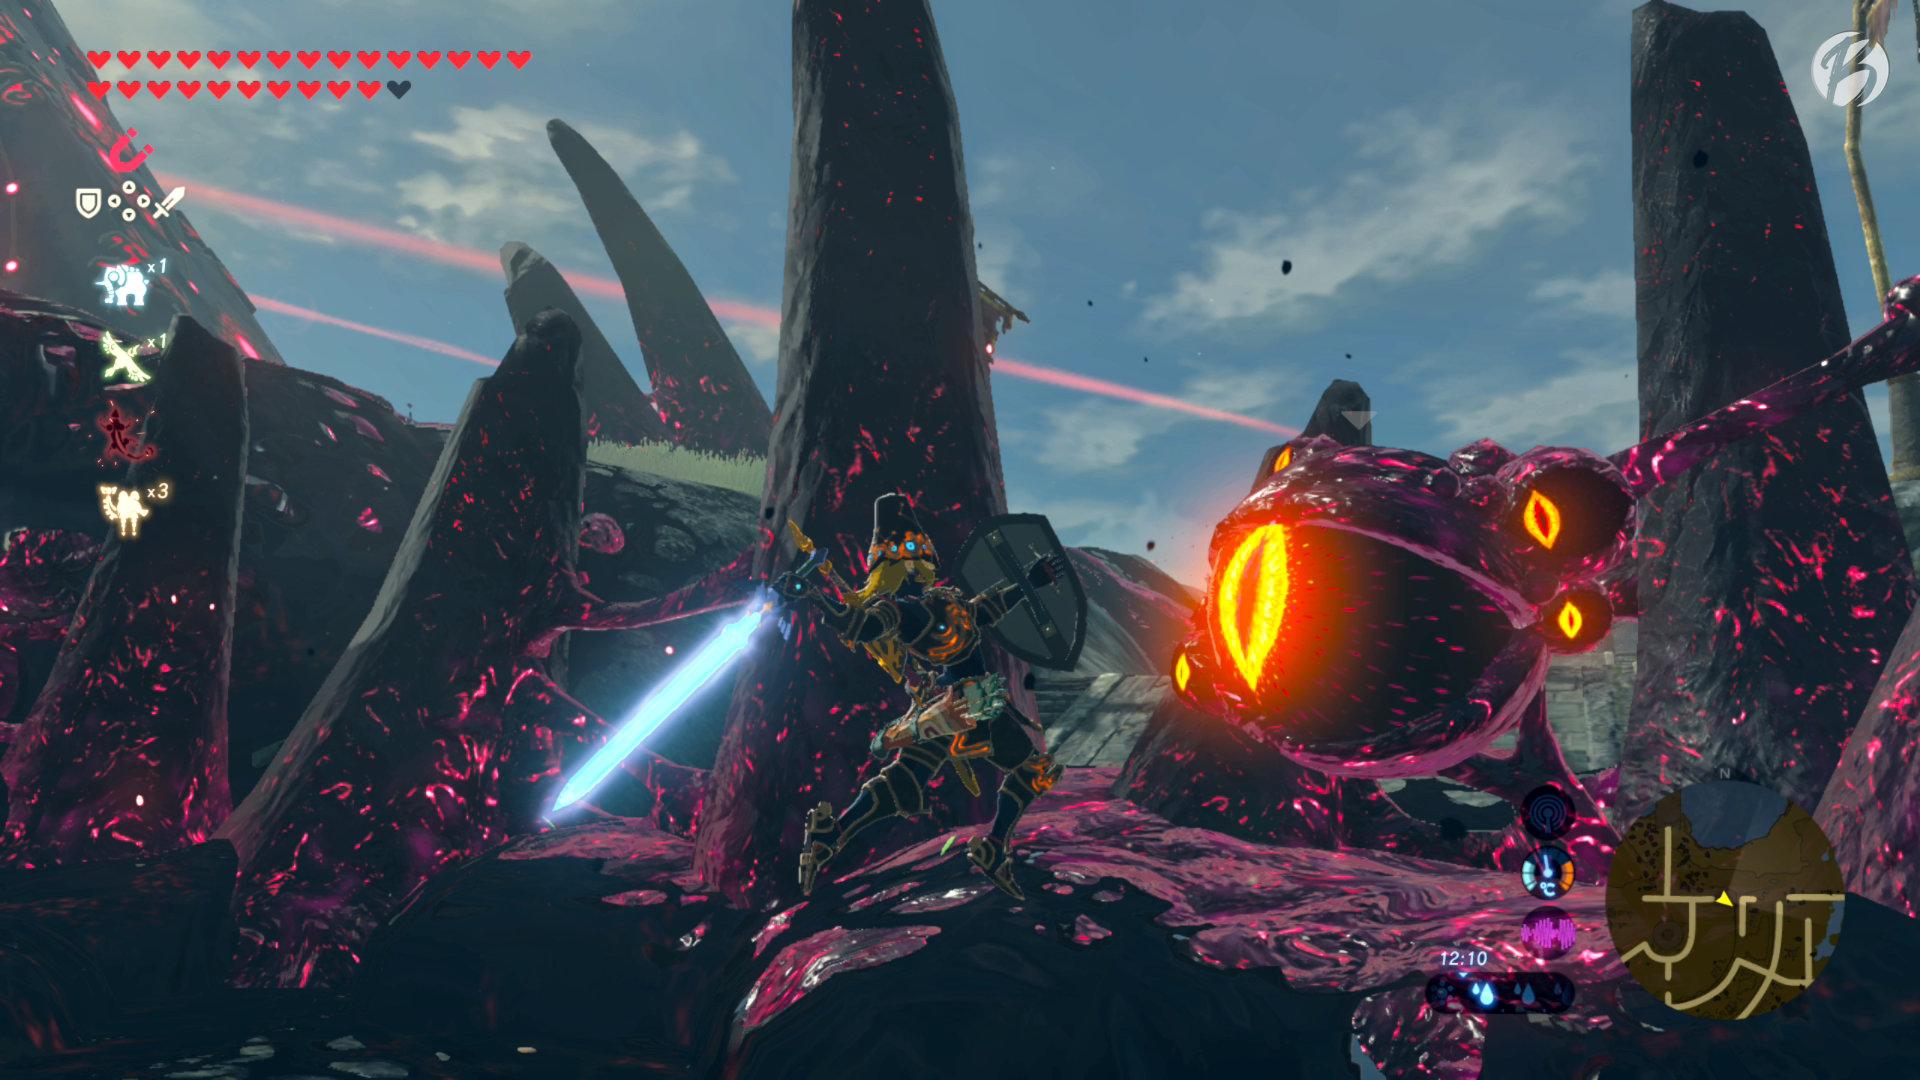 The Legend of Zelda: BotW - Barrieren zerstört, um einen sicheren Weg in das Schloss Hyrule zu finden.